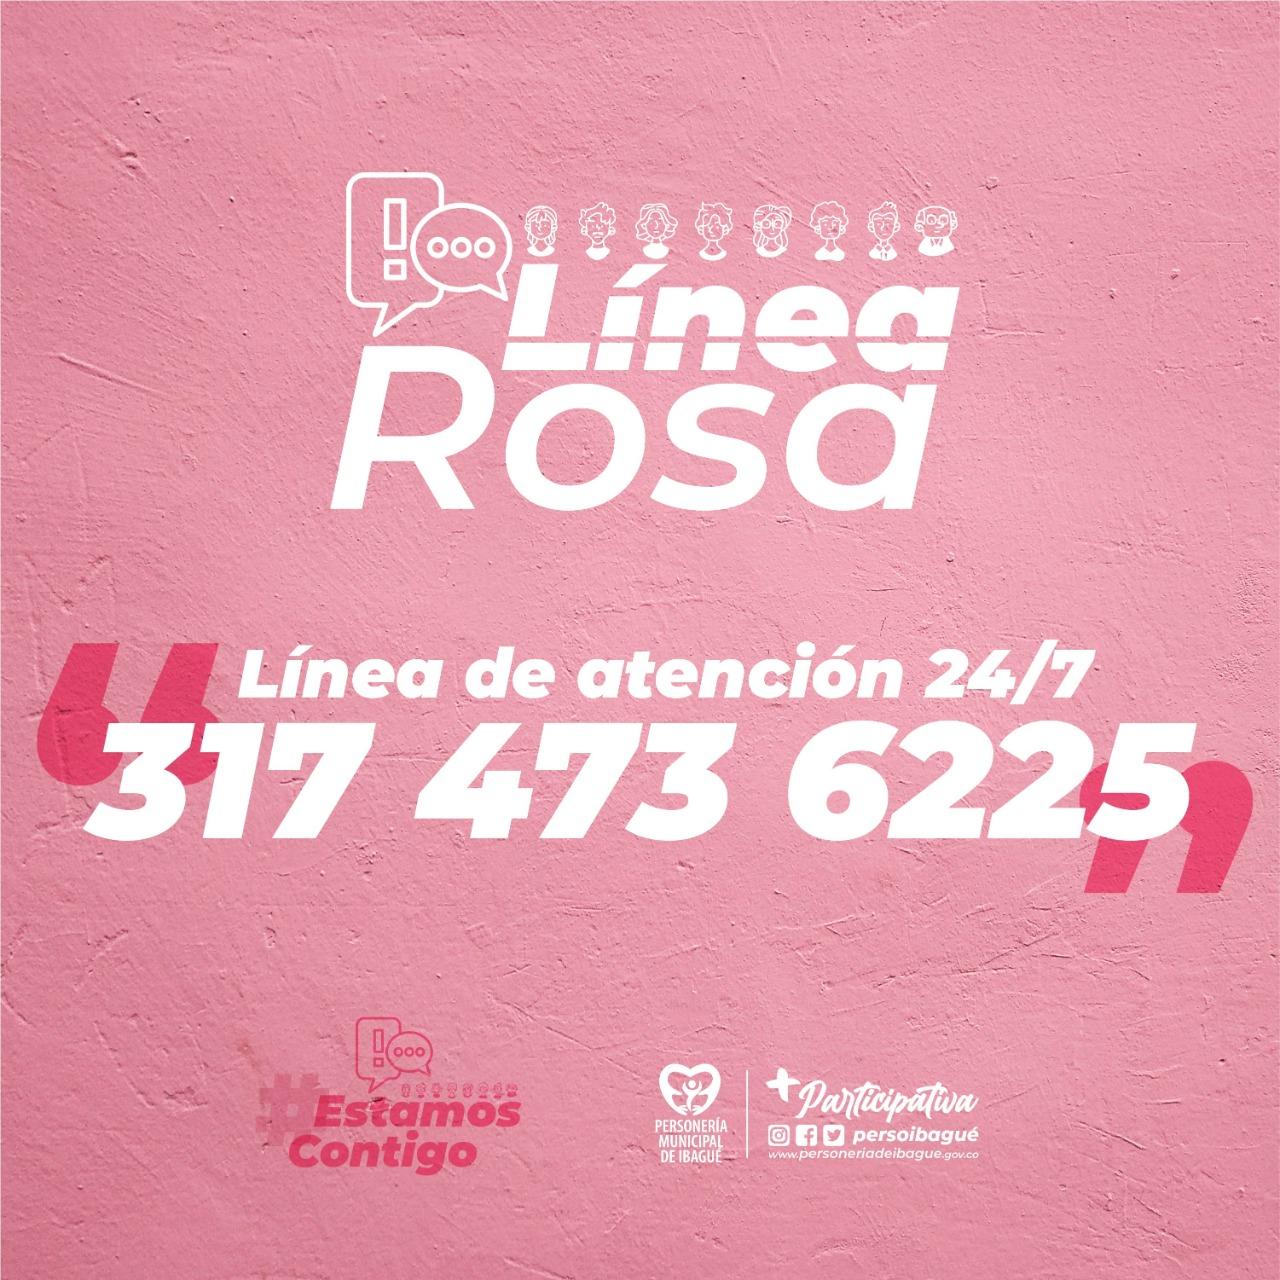 Si es víctima de violencia pida ayuda a la Línea Rosa en Ibagué 4